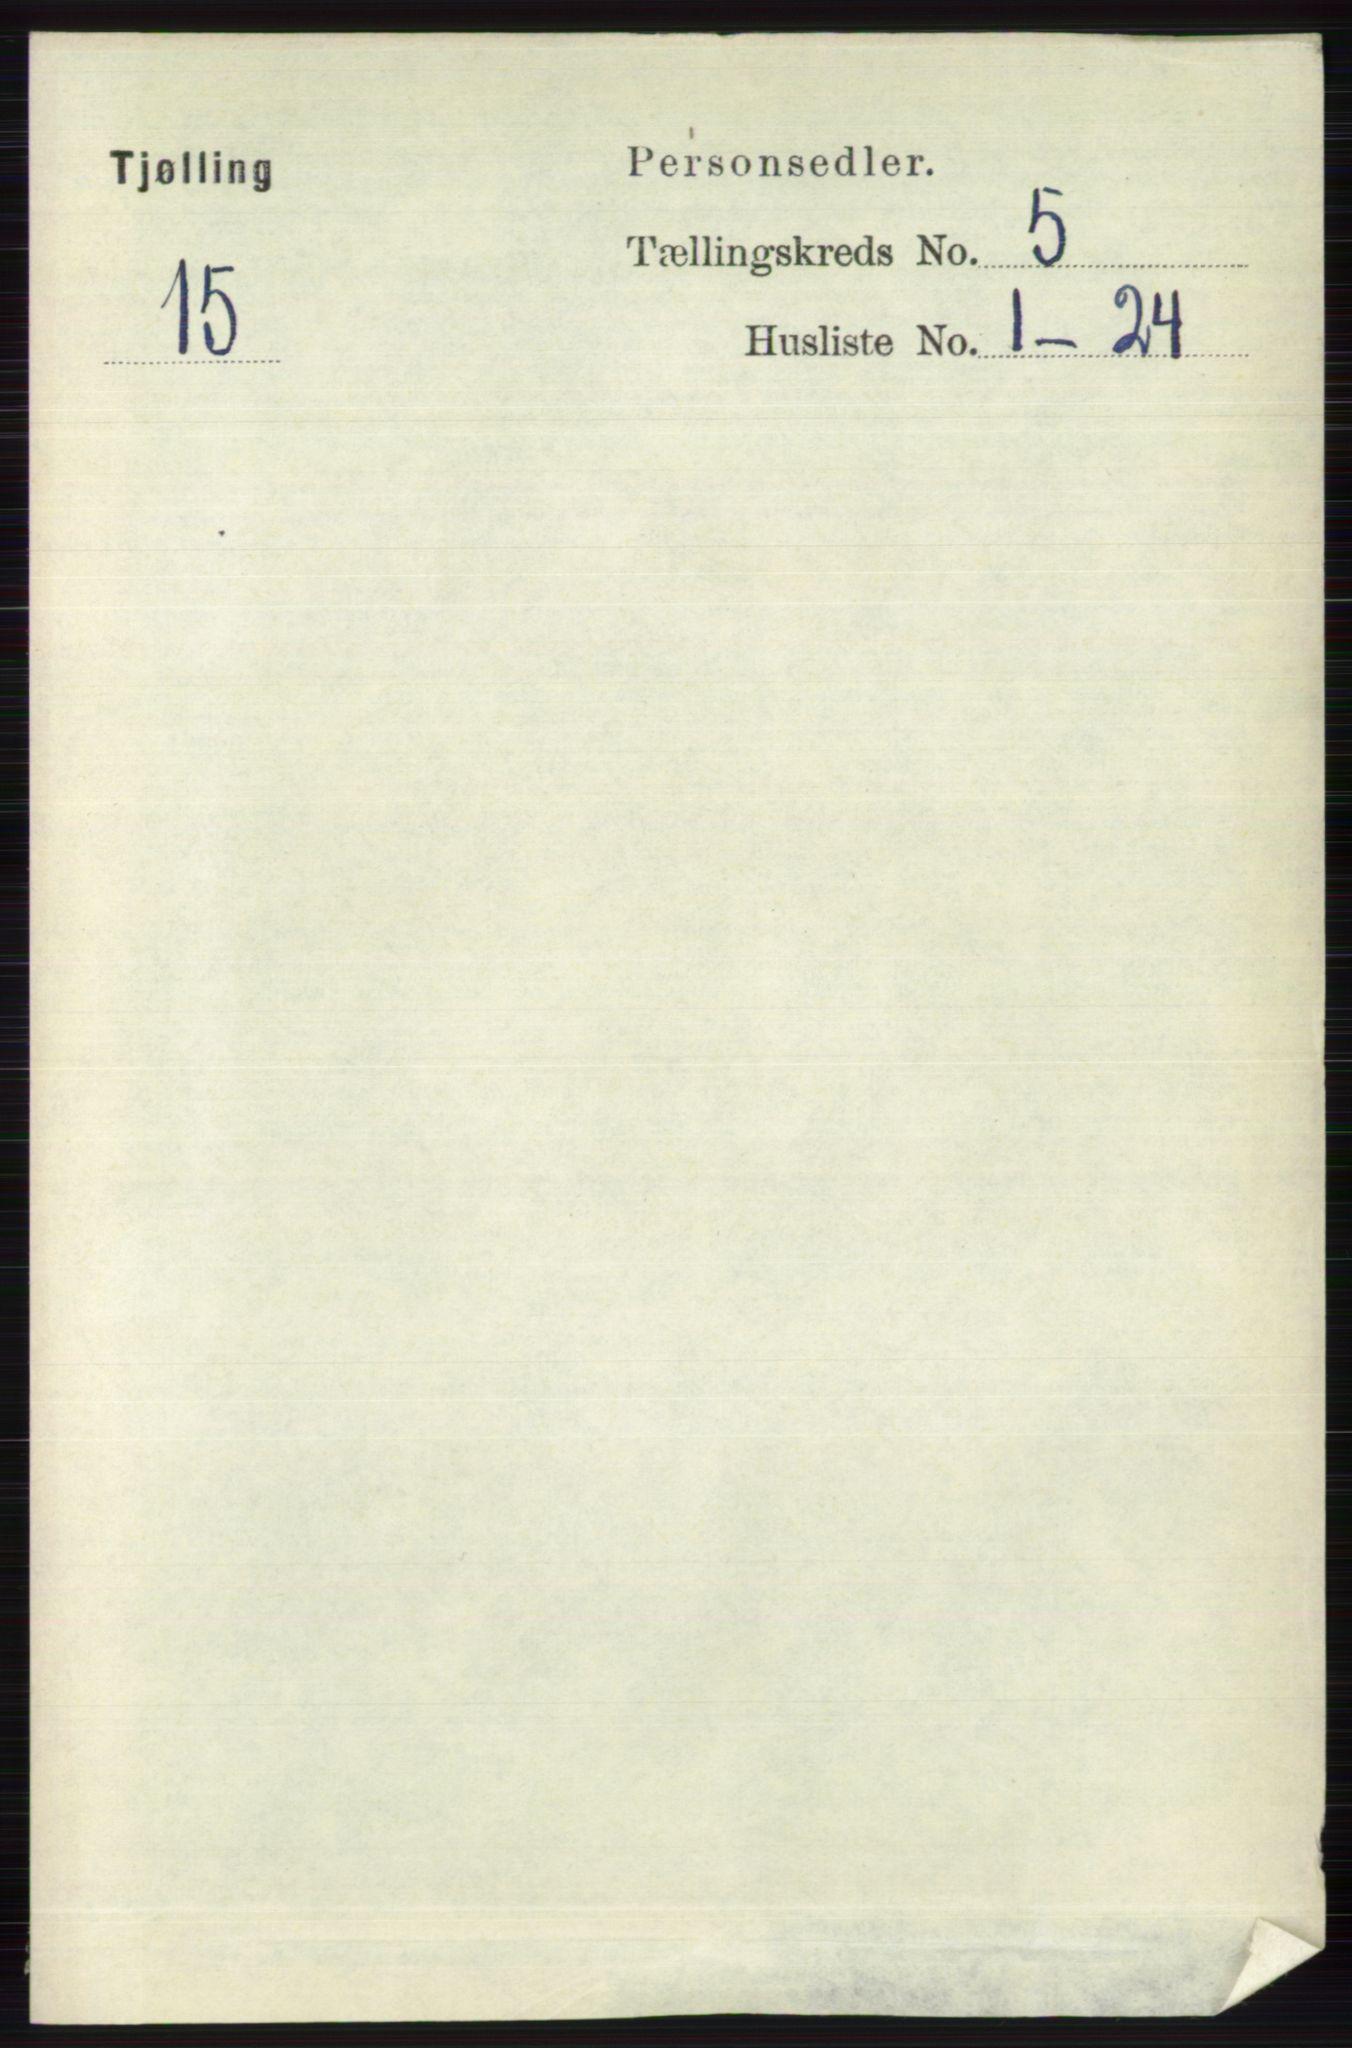 RA, Folketelling 1891 for 0725 Tjølling herred, 1891, s. 1971